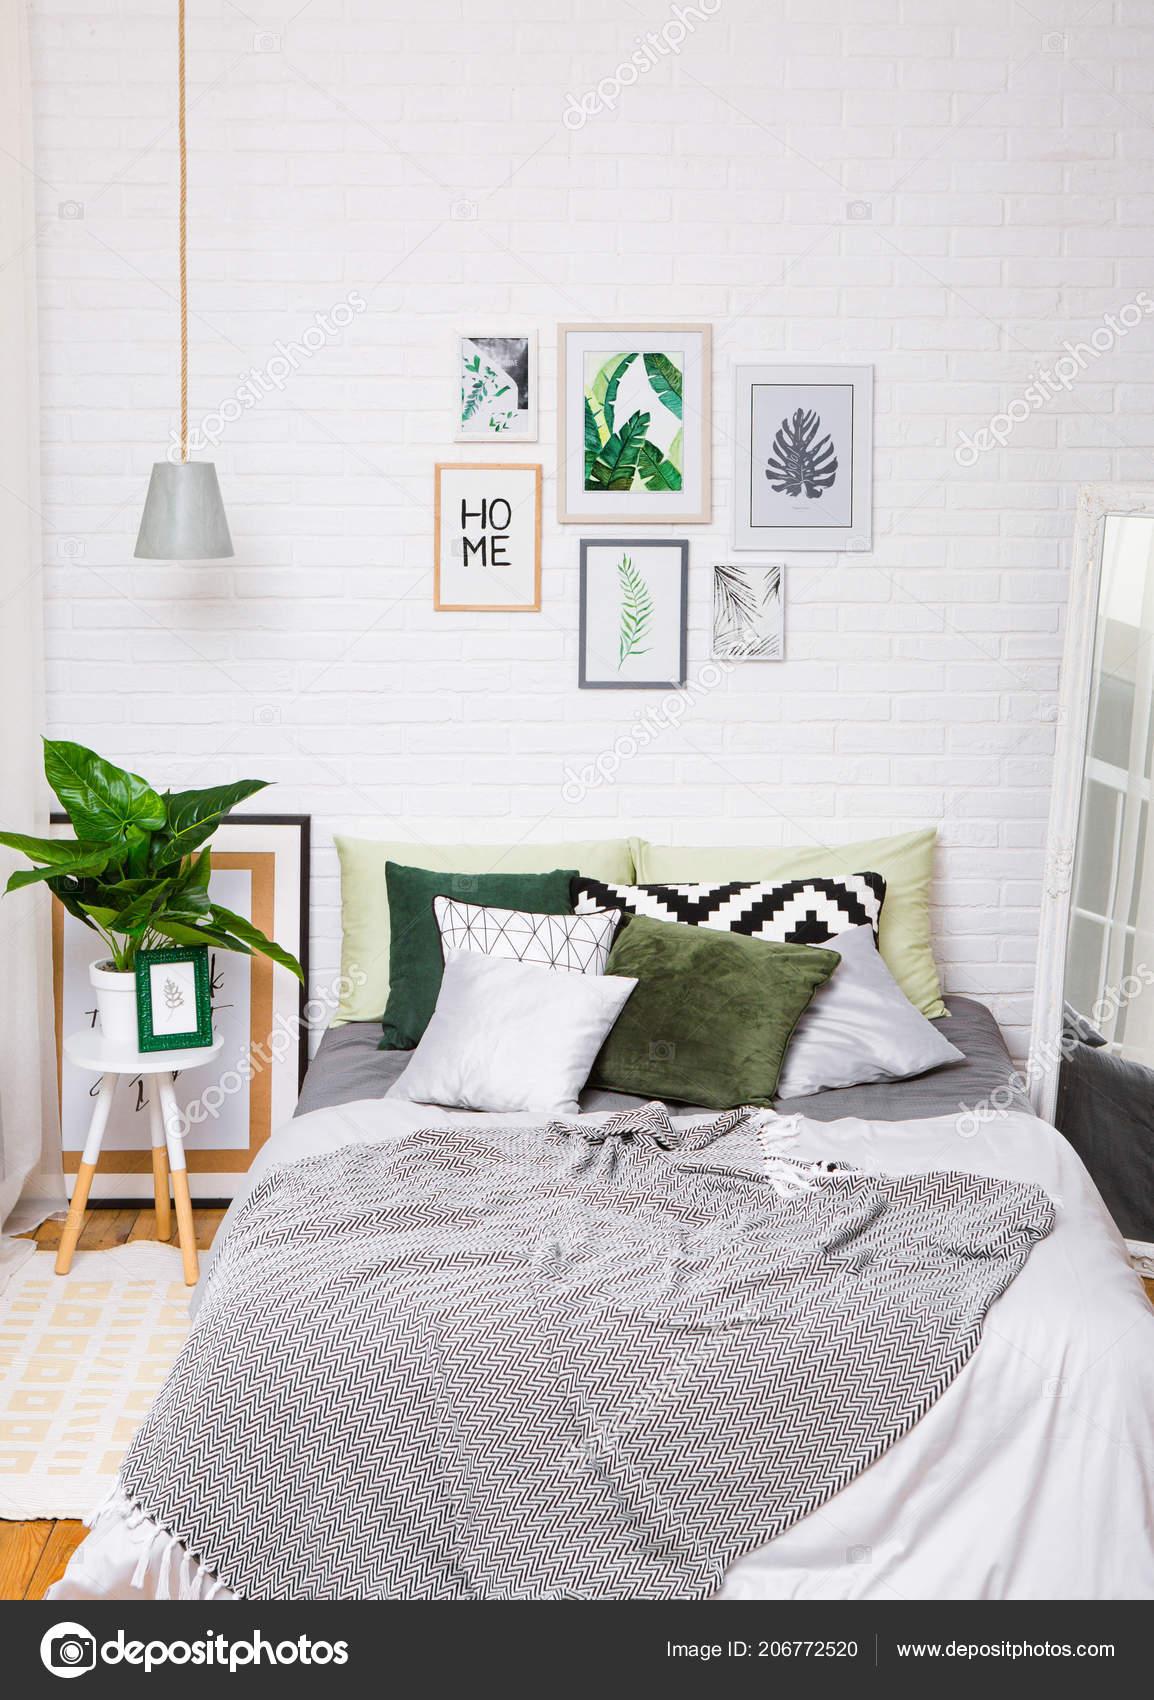 Schlafzimmer Innenraum Grau Grün Mit Einem Ficus Spiegel ...